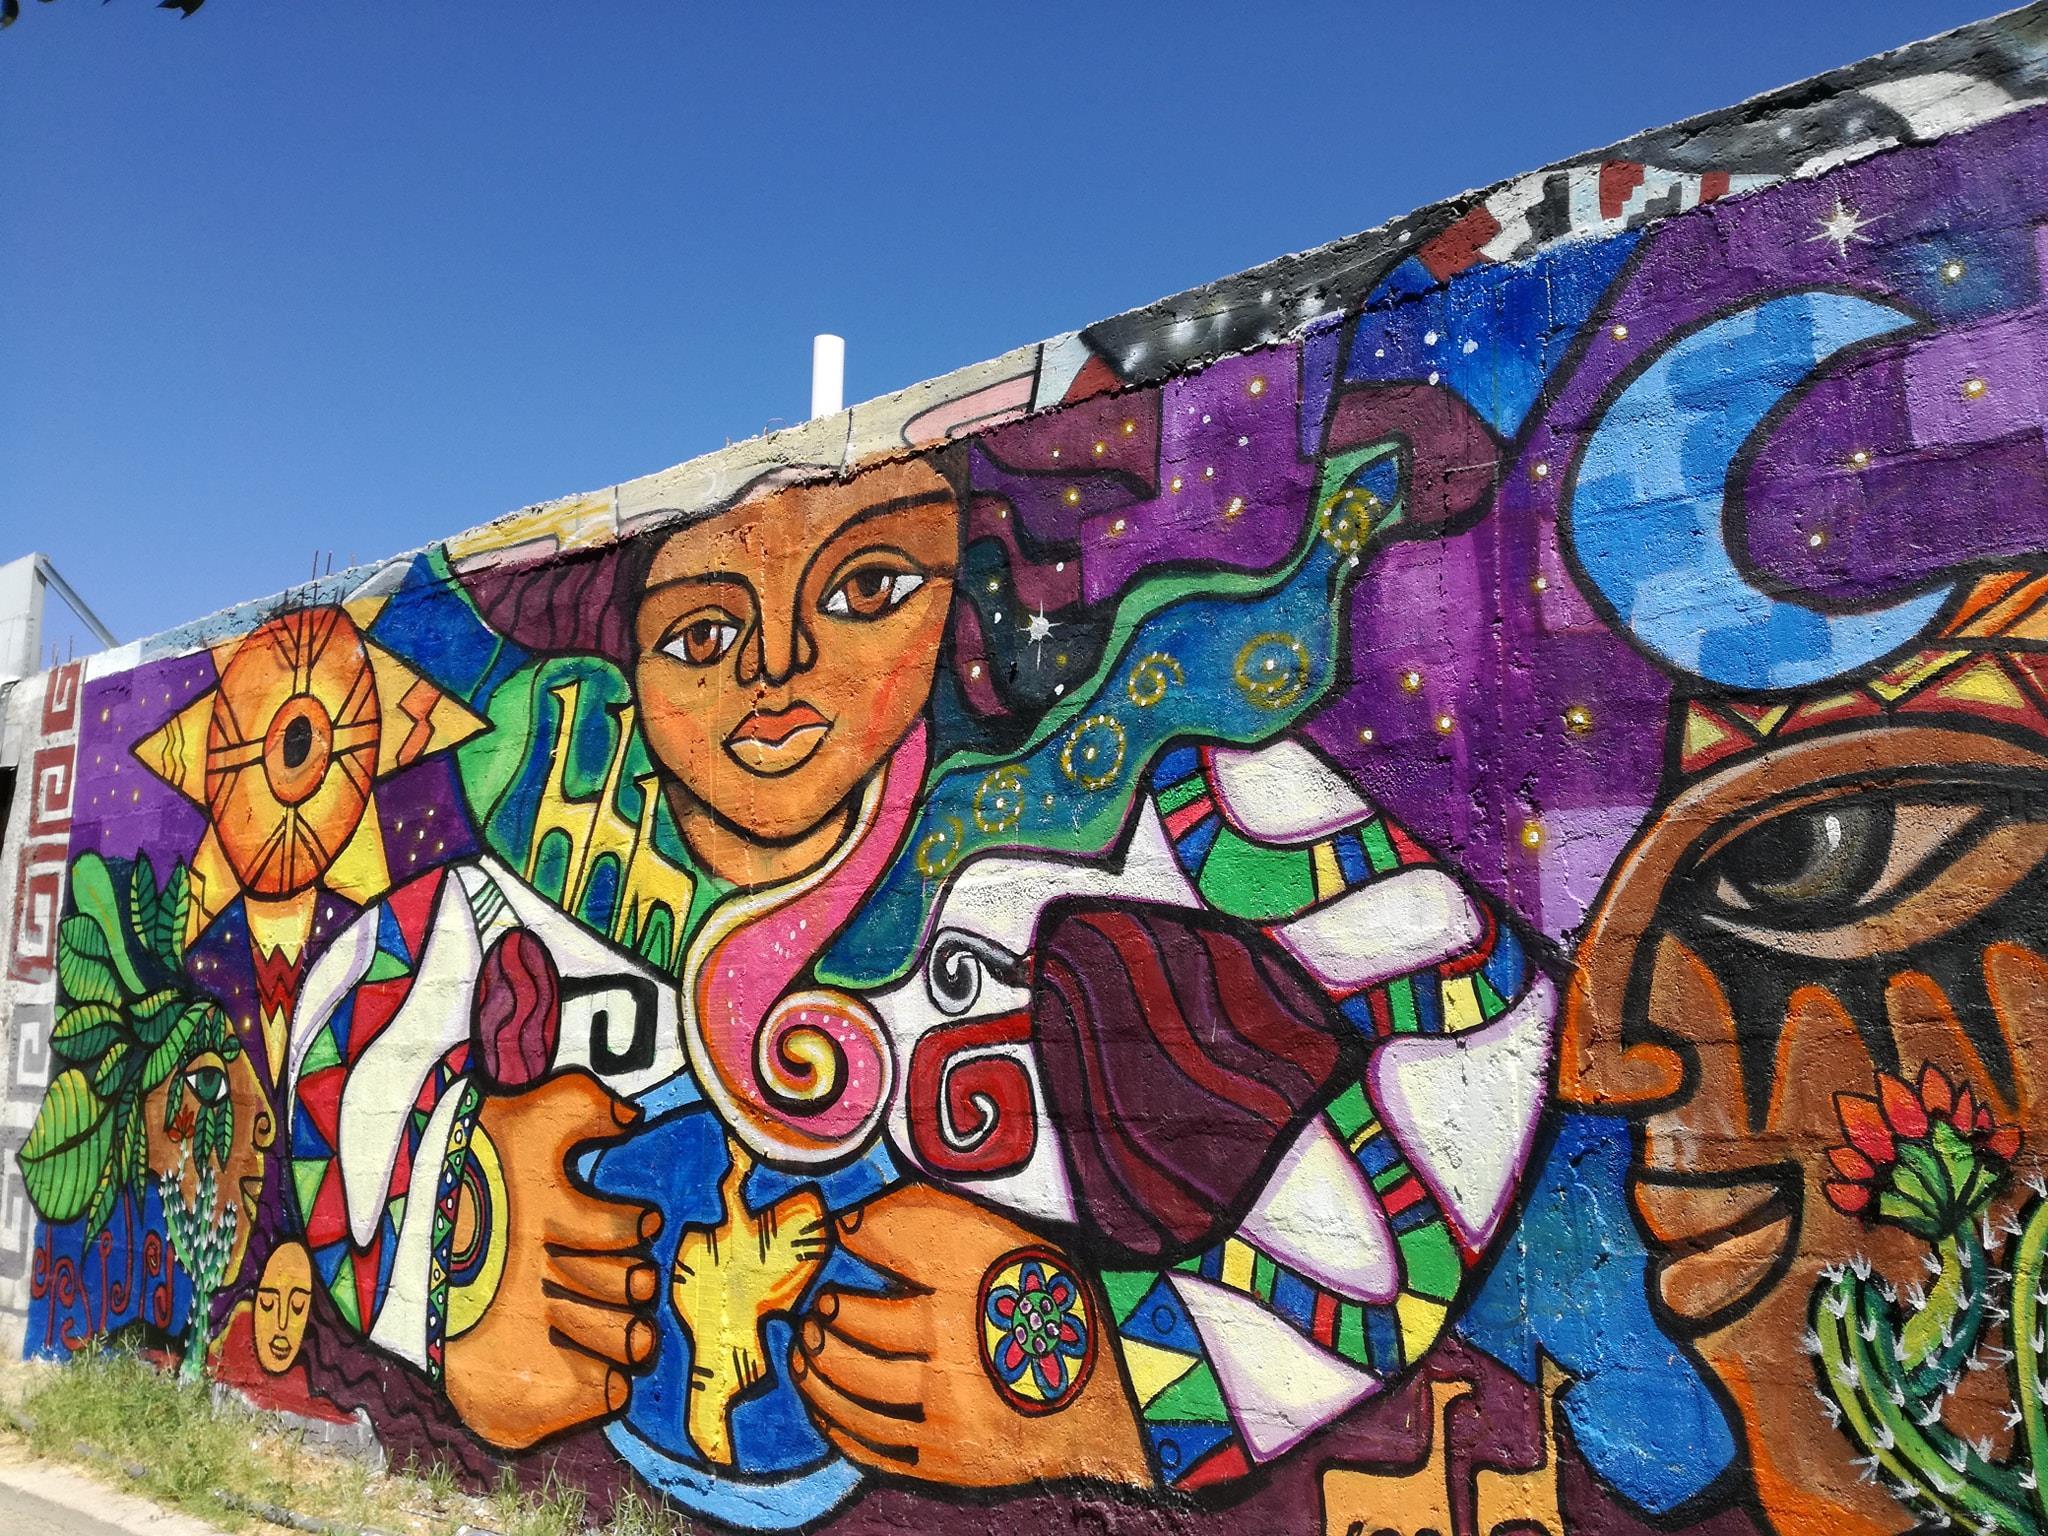 Casa de la Cultura de Vicuña luce nuevo y colorido mural alusivo a culturas originarias como resultado de taller de pintura